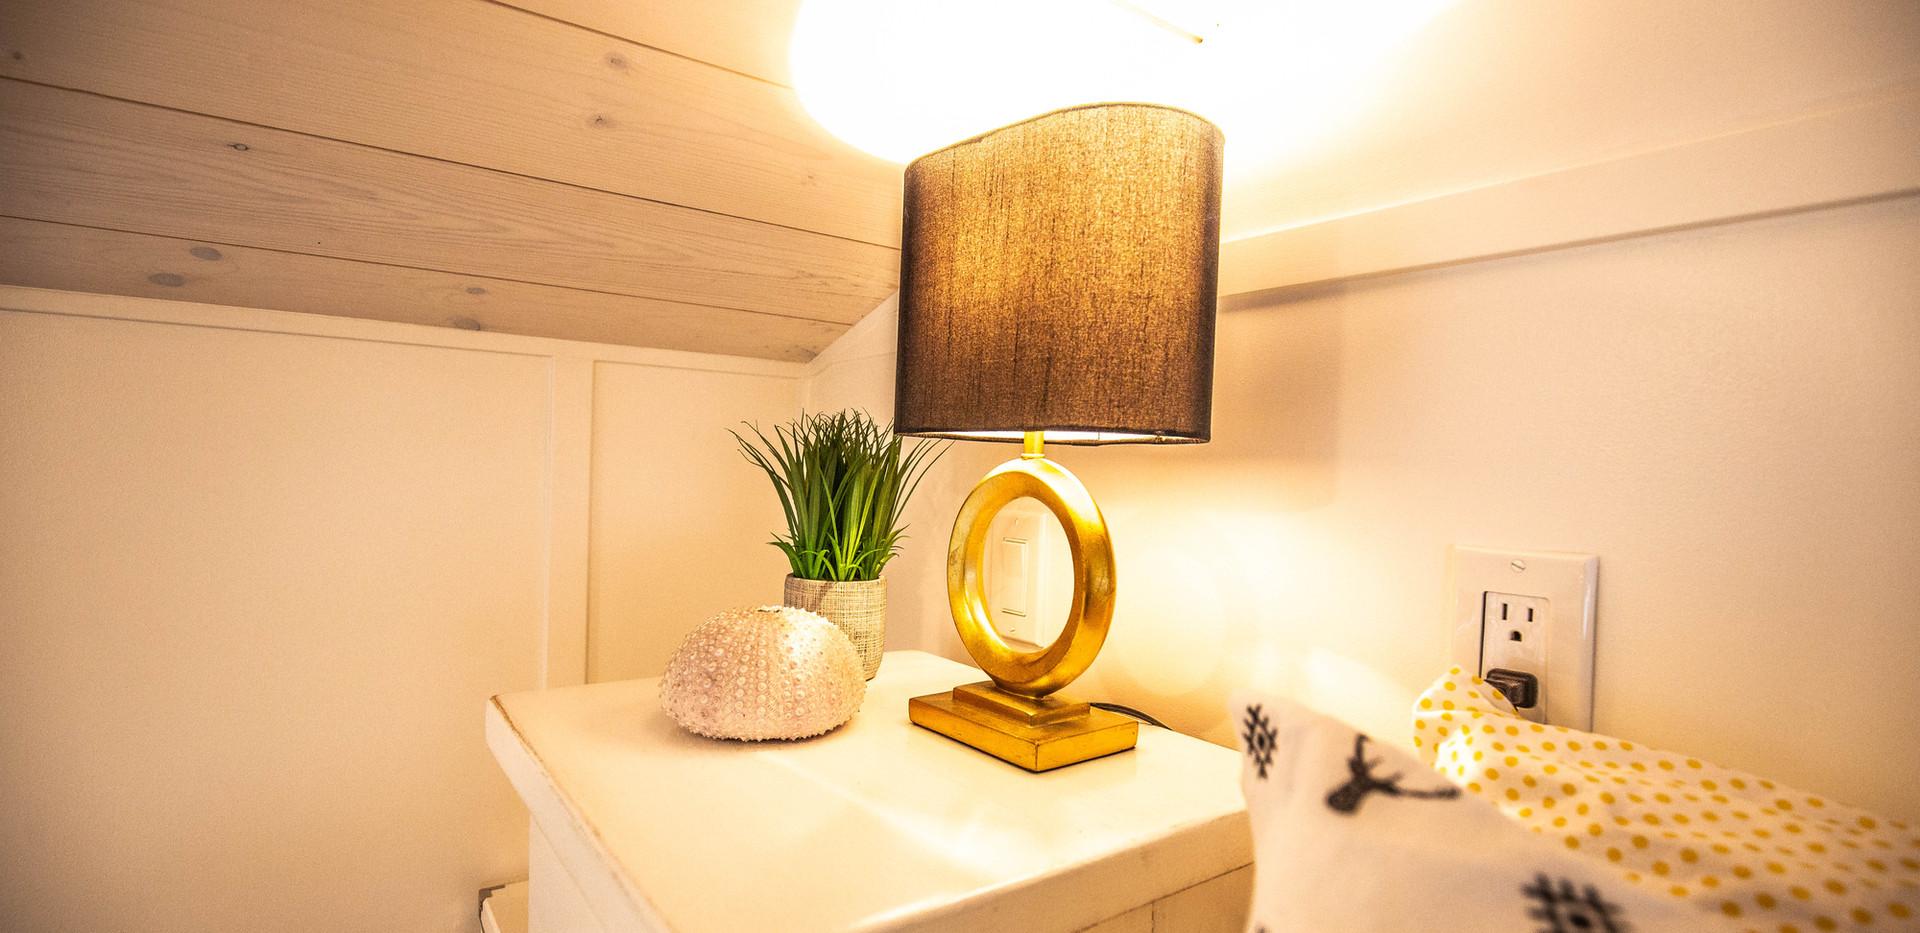 Sunshine Tony homes interior 18 (1 of 1)